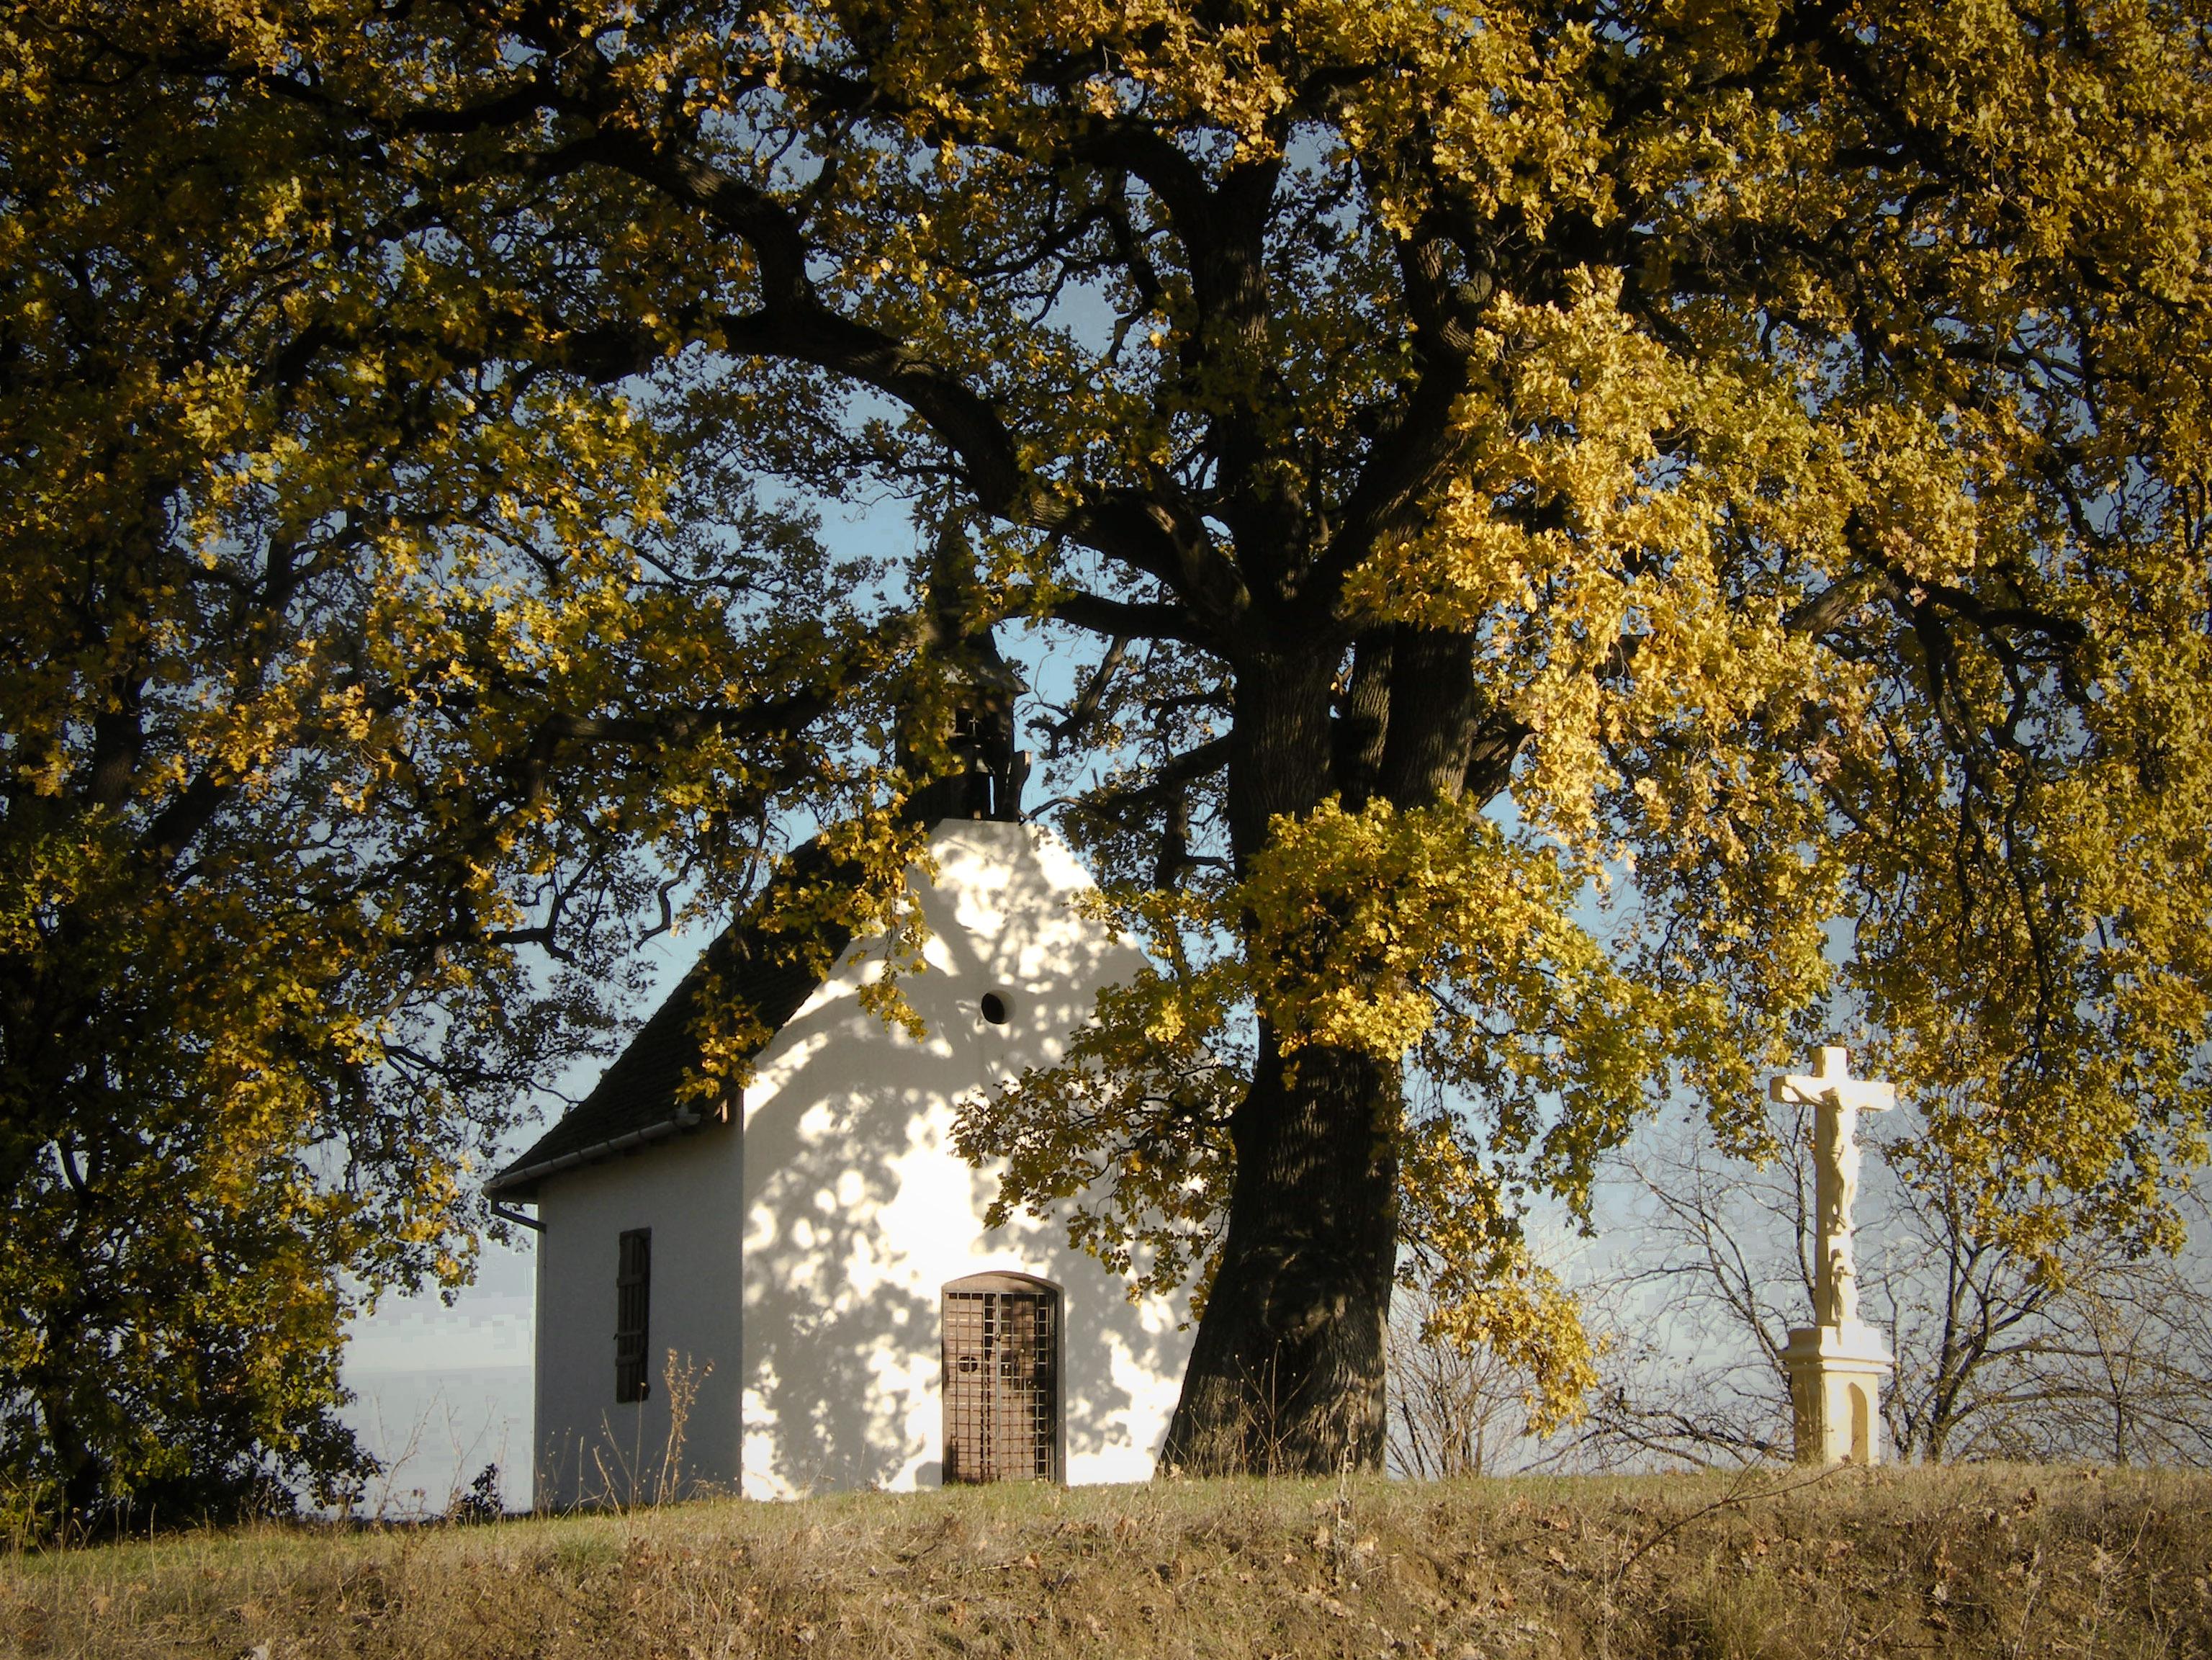 A kápolna, a szőlő és a két molyhos tölgy – egymást őrzik a szőlőhegy lakói